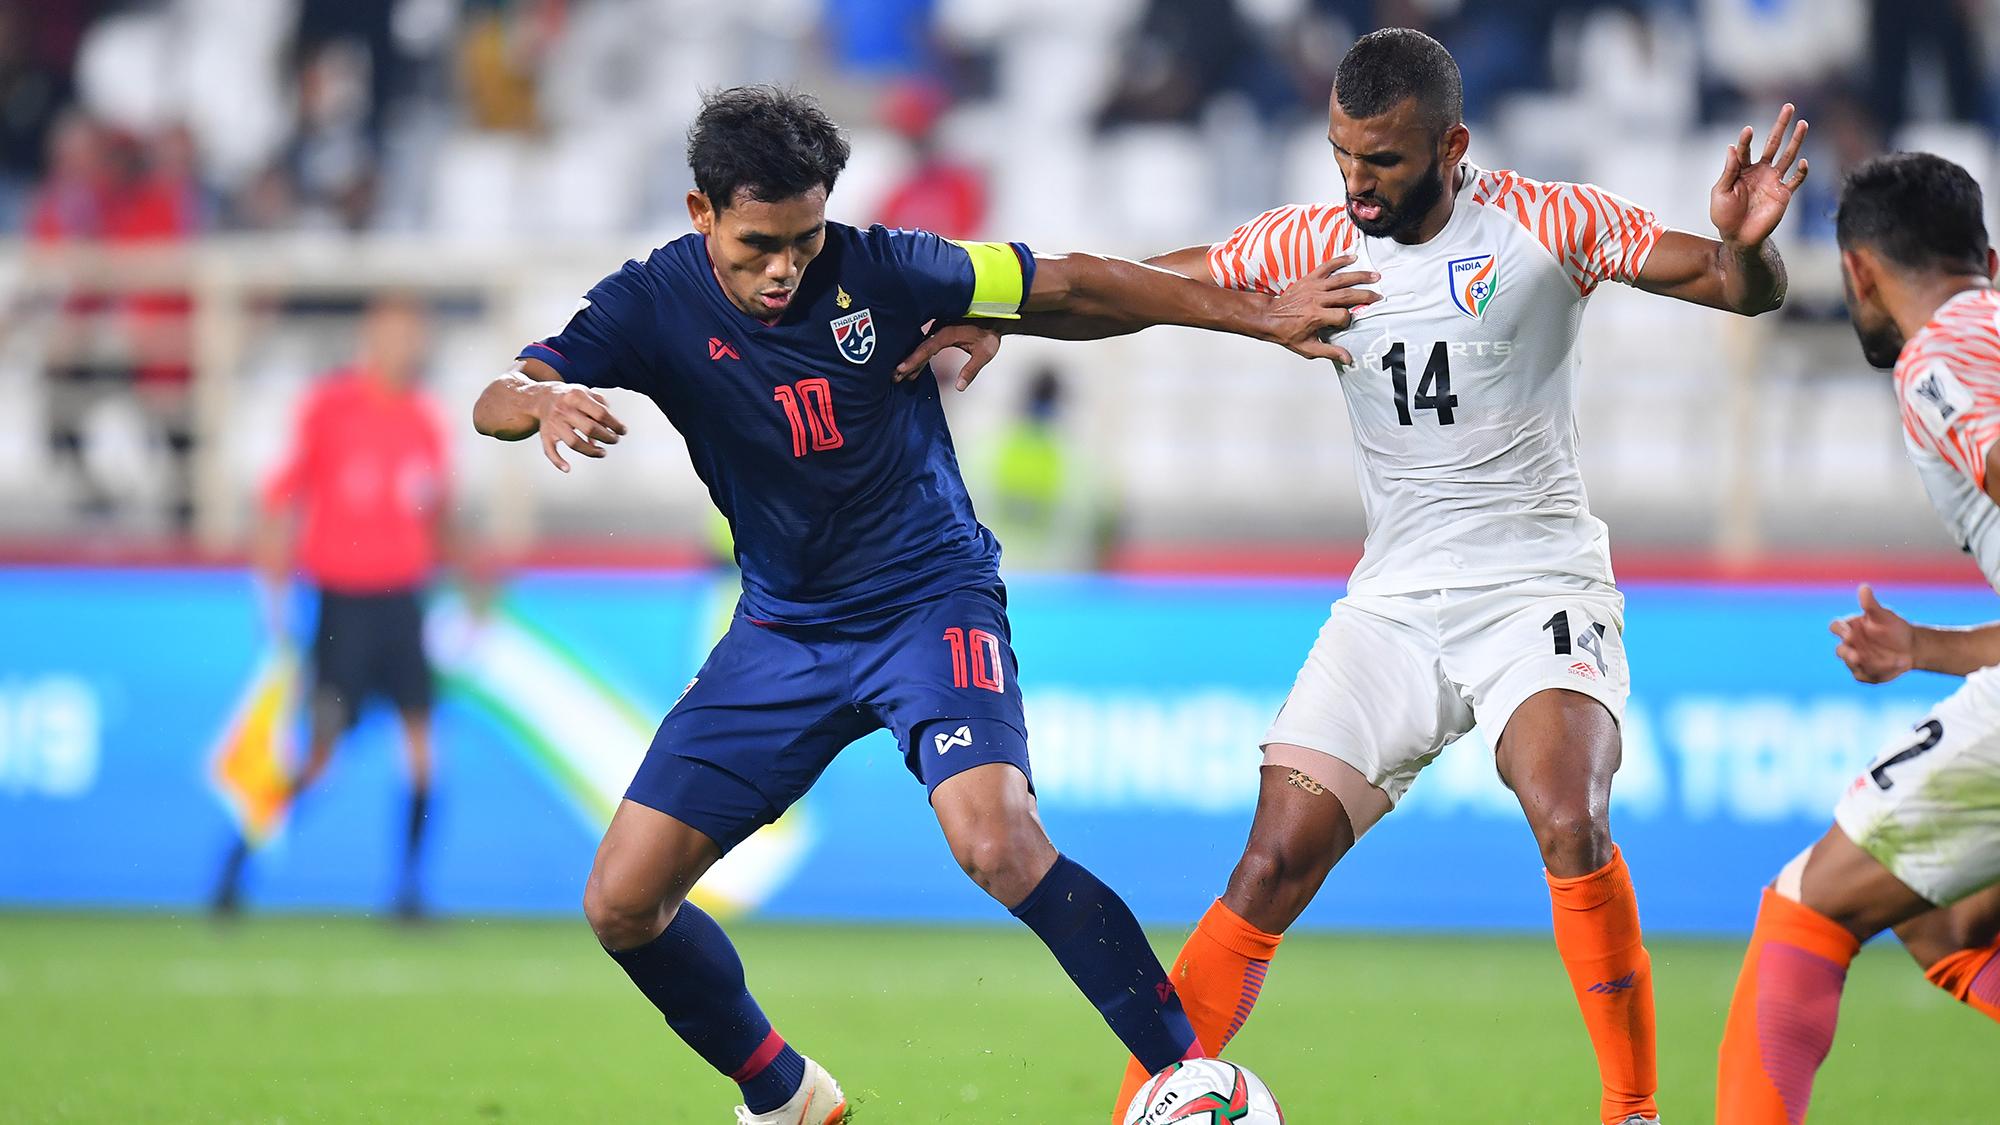 ทีมชาติอินเดีย ทีมชาติไทย เอเชียนคัพ 2019